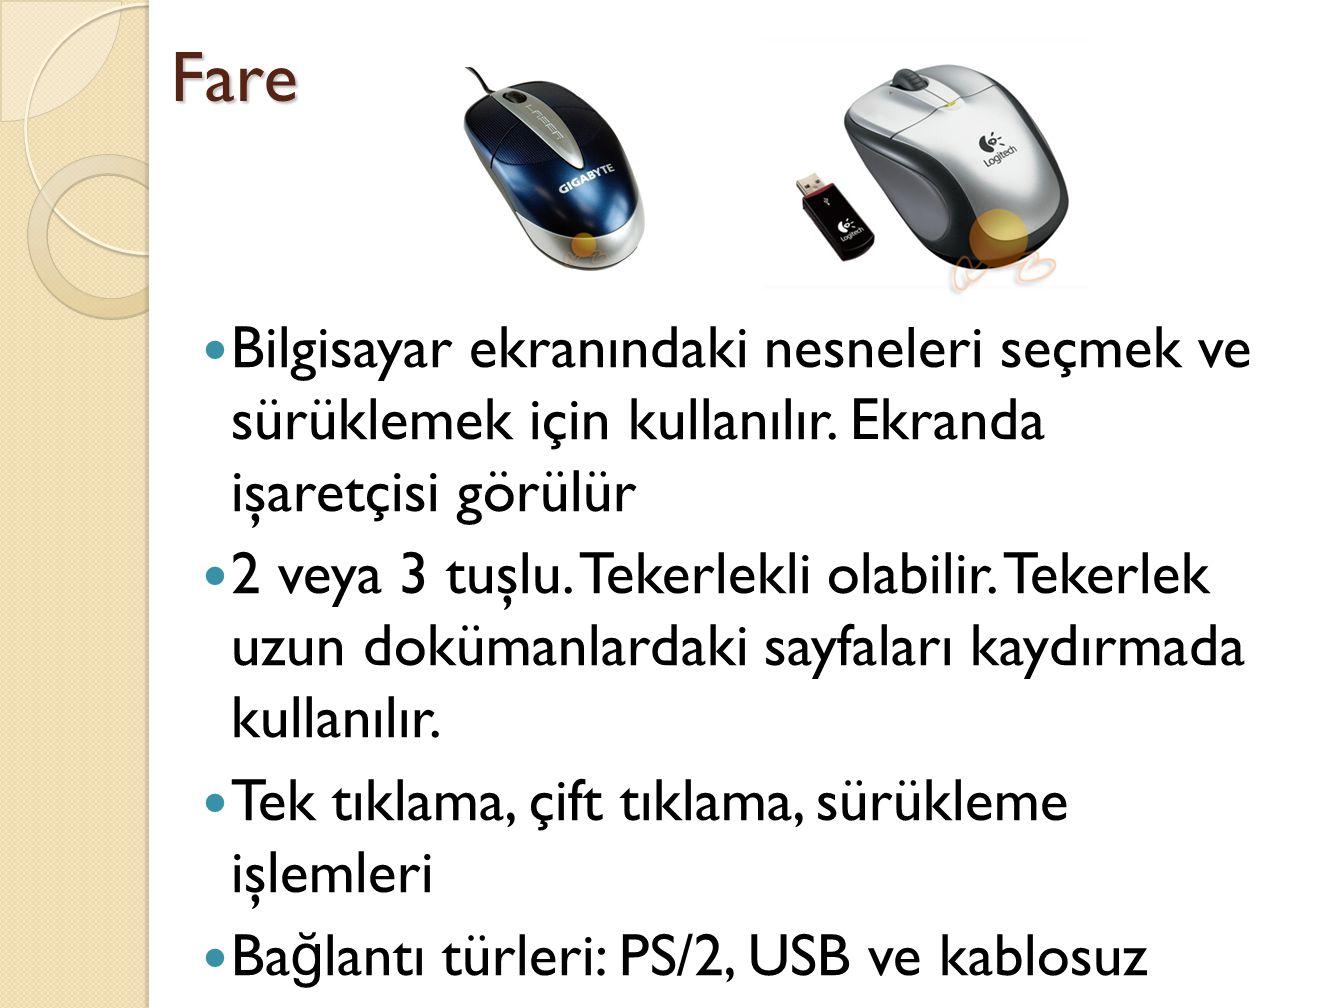 Fare Bilgisayar ekranındaki nesneleri seçmek ve sürüklemek için kullanılır.